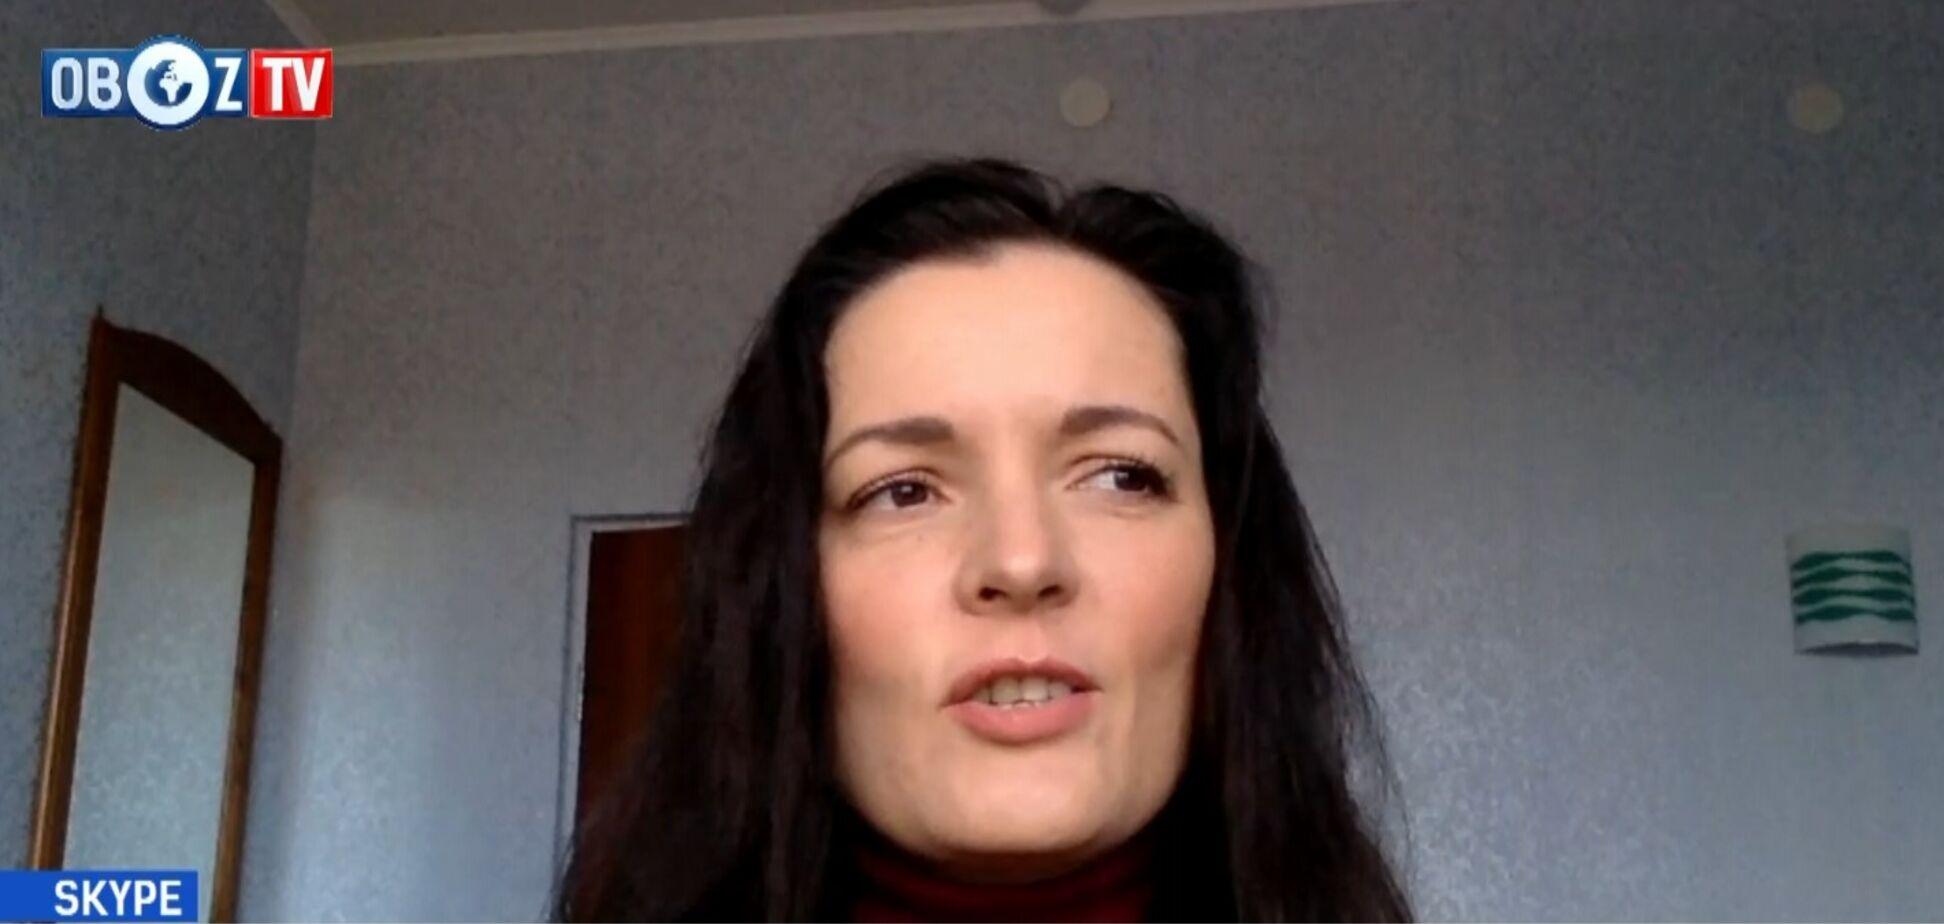 'У нее не обязательно коронавирус': Зоряна Скалецкая